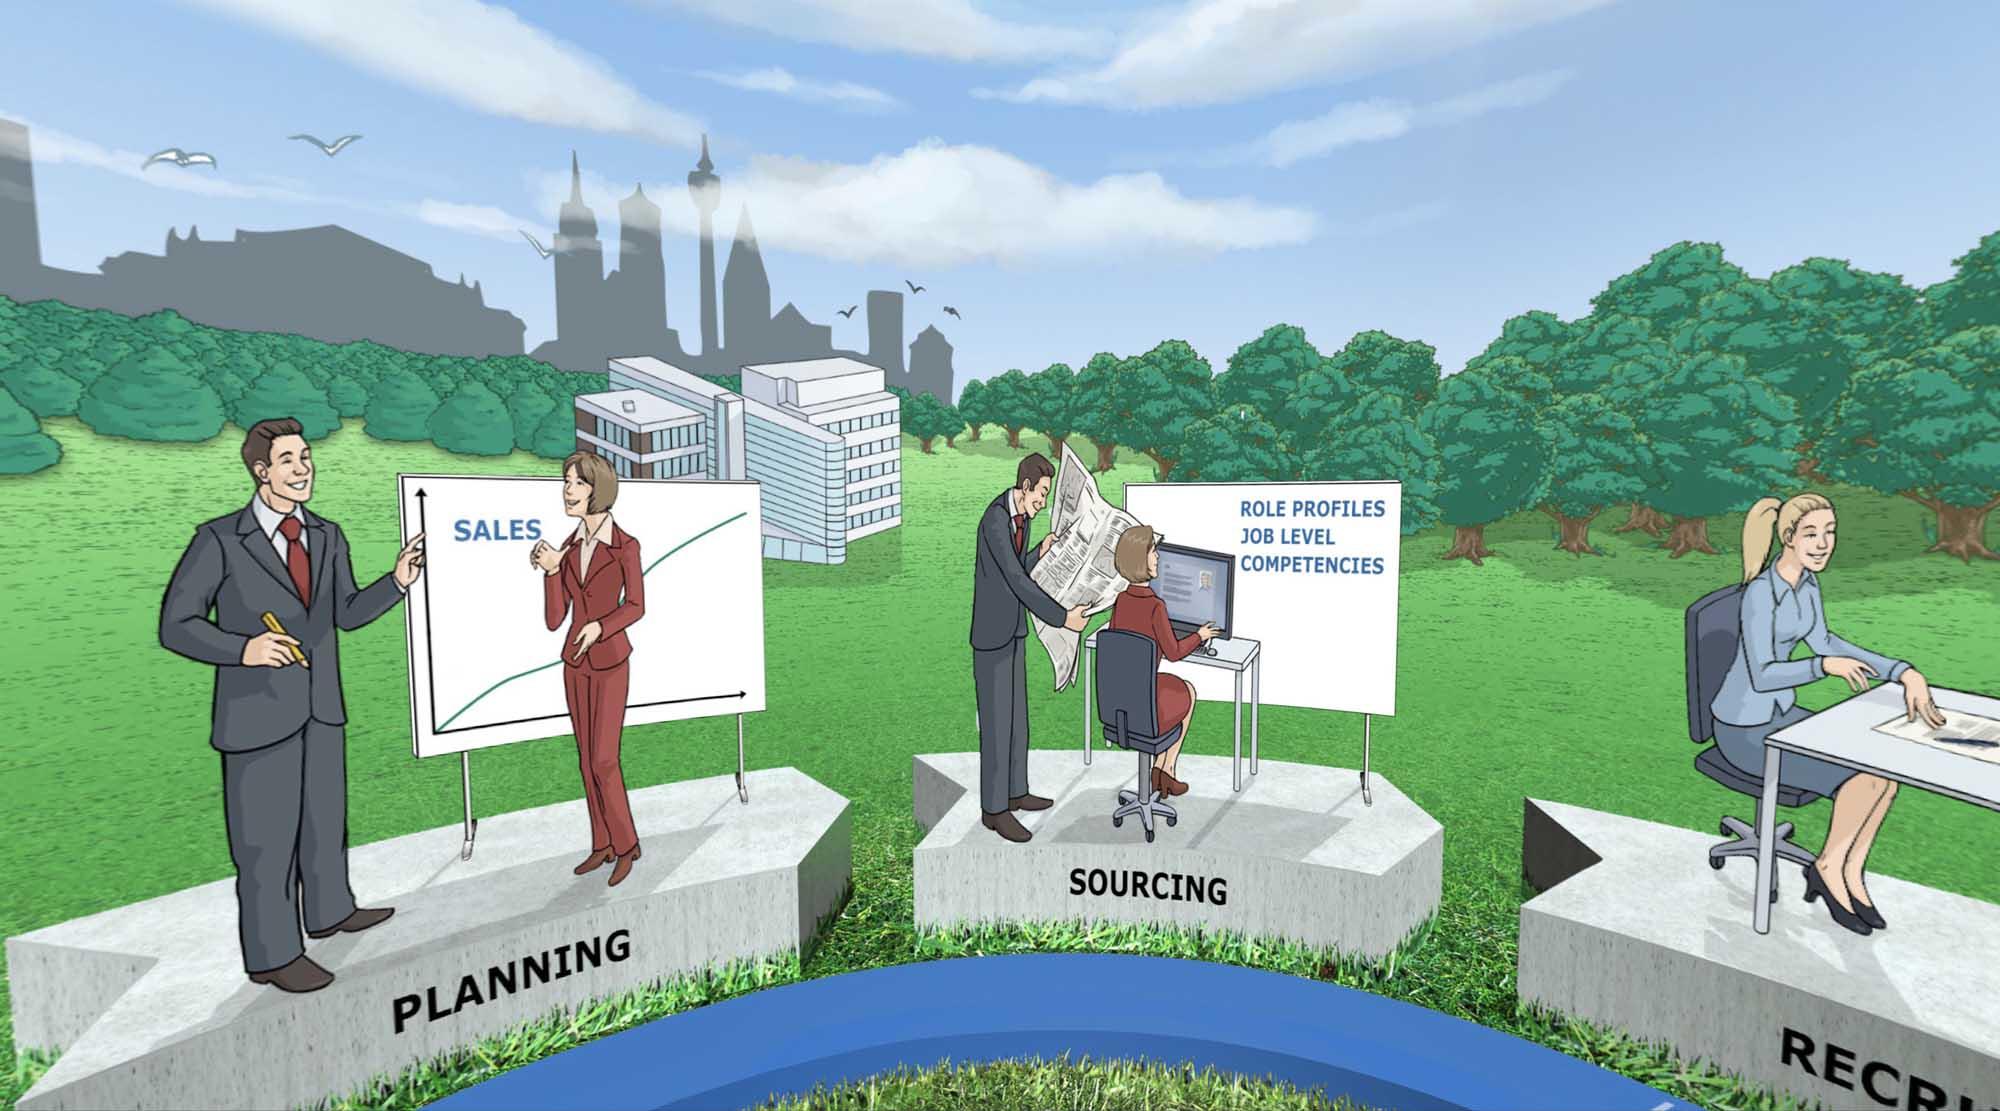 Unternehmensprozesse wie Planning und Sourcing als VR Dialogbild illustriert